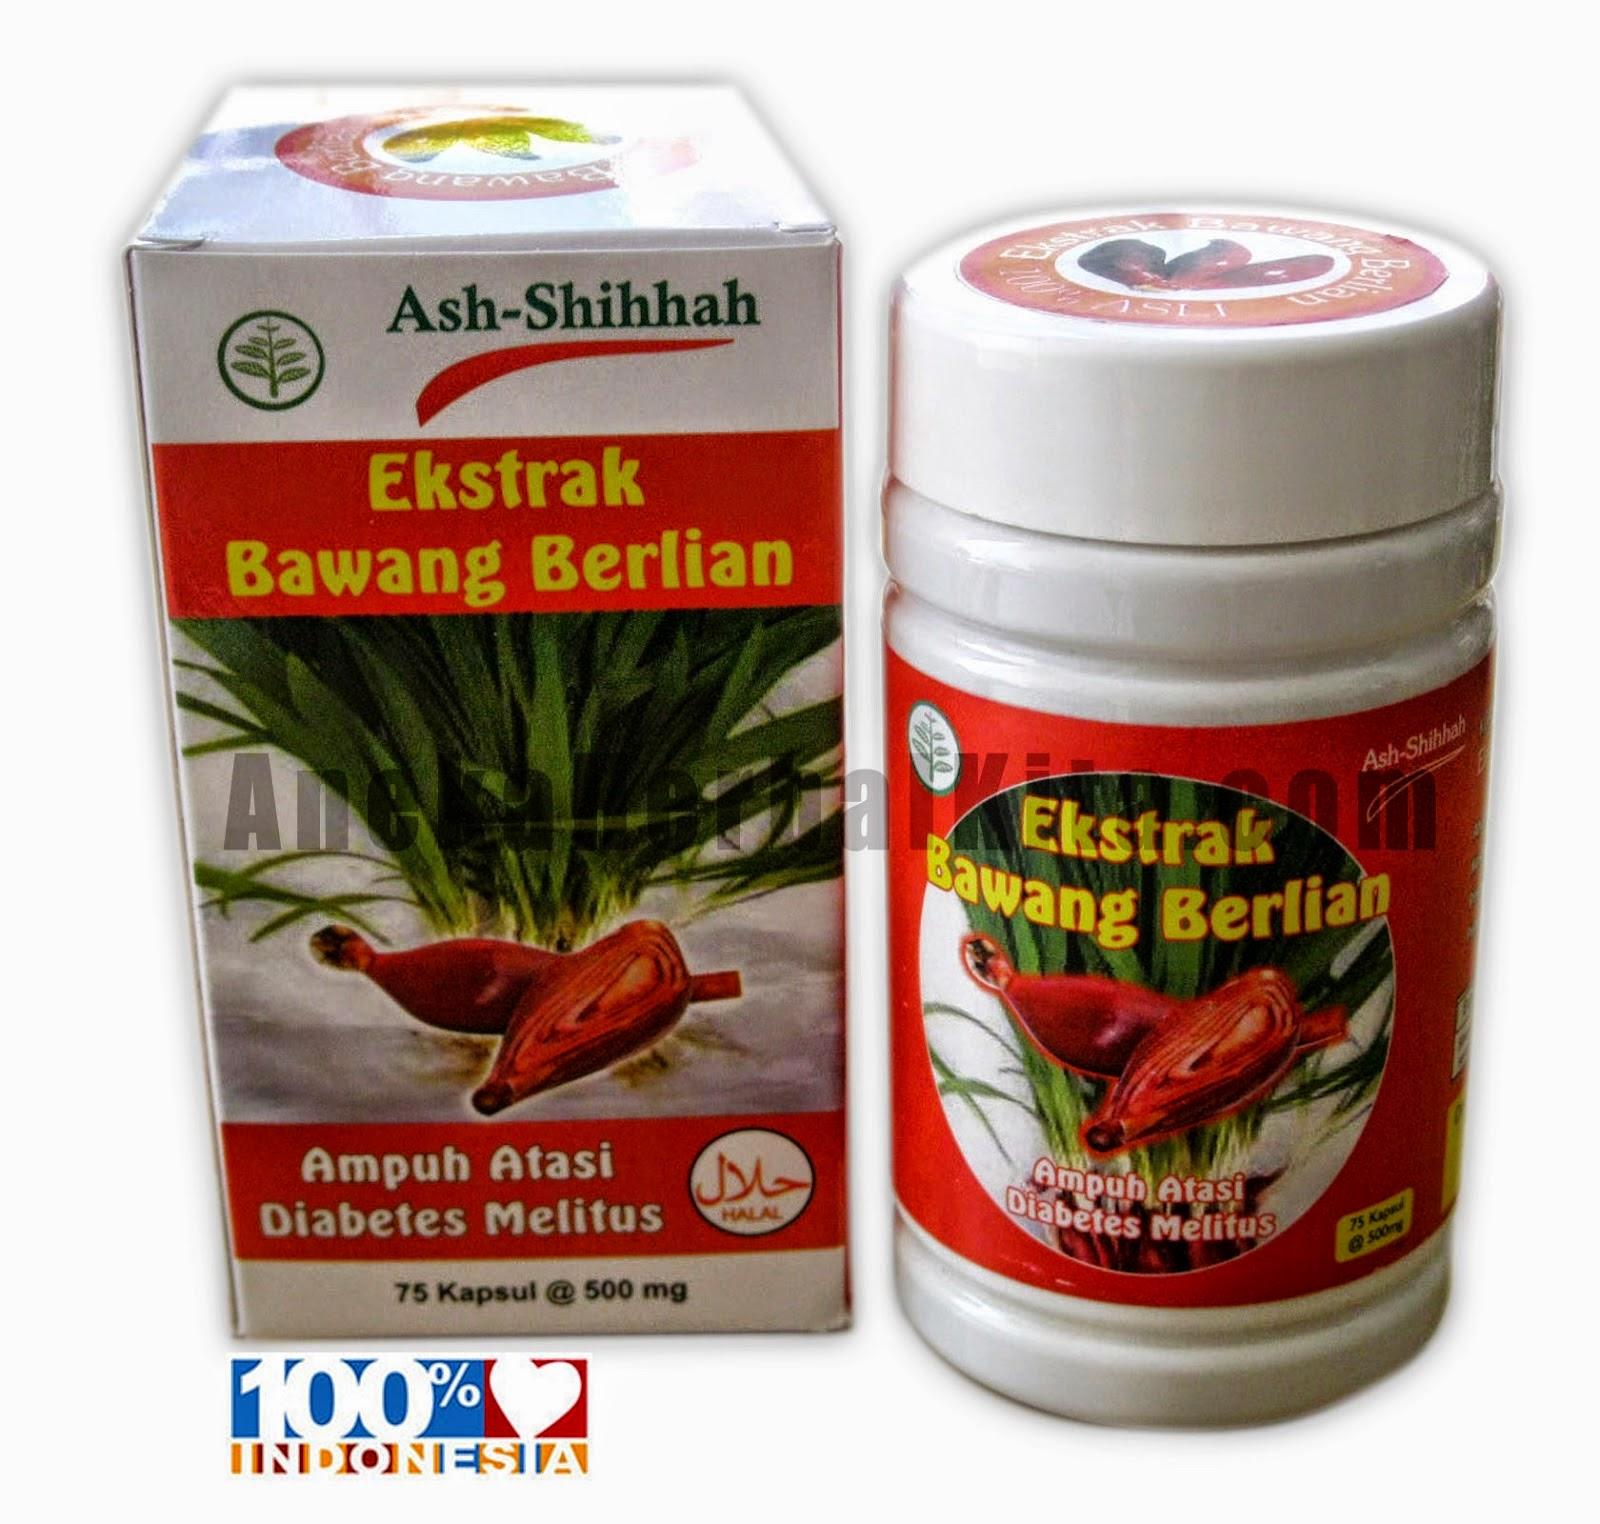 Agen Dan Distributor Resmi Obat Herbal